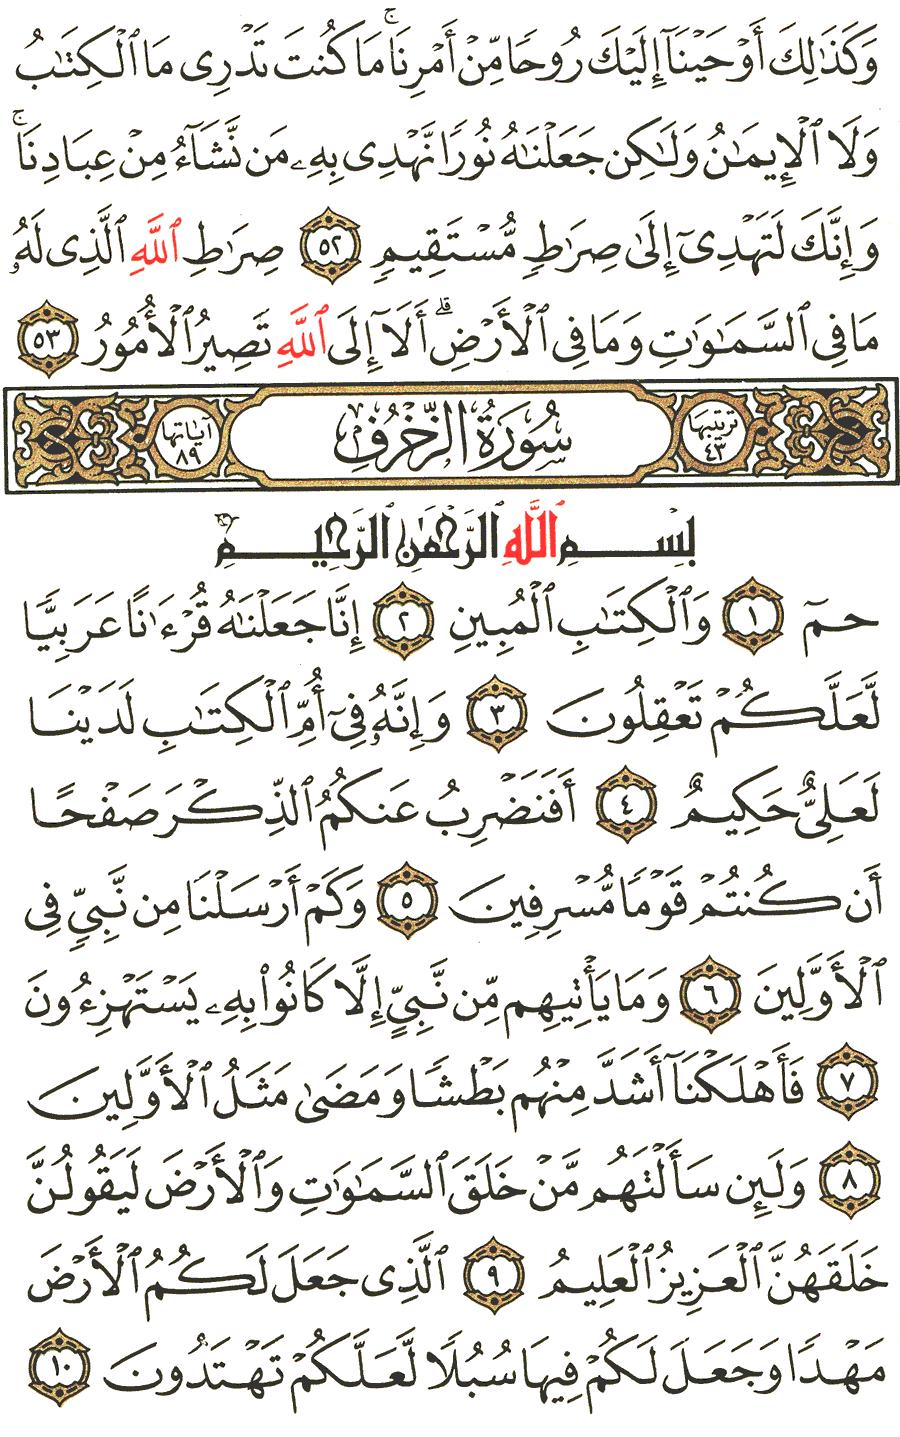 الصفحة رقم 489 من القرآن الكريم مكتوبة من المصحف